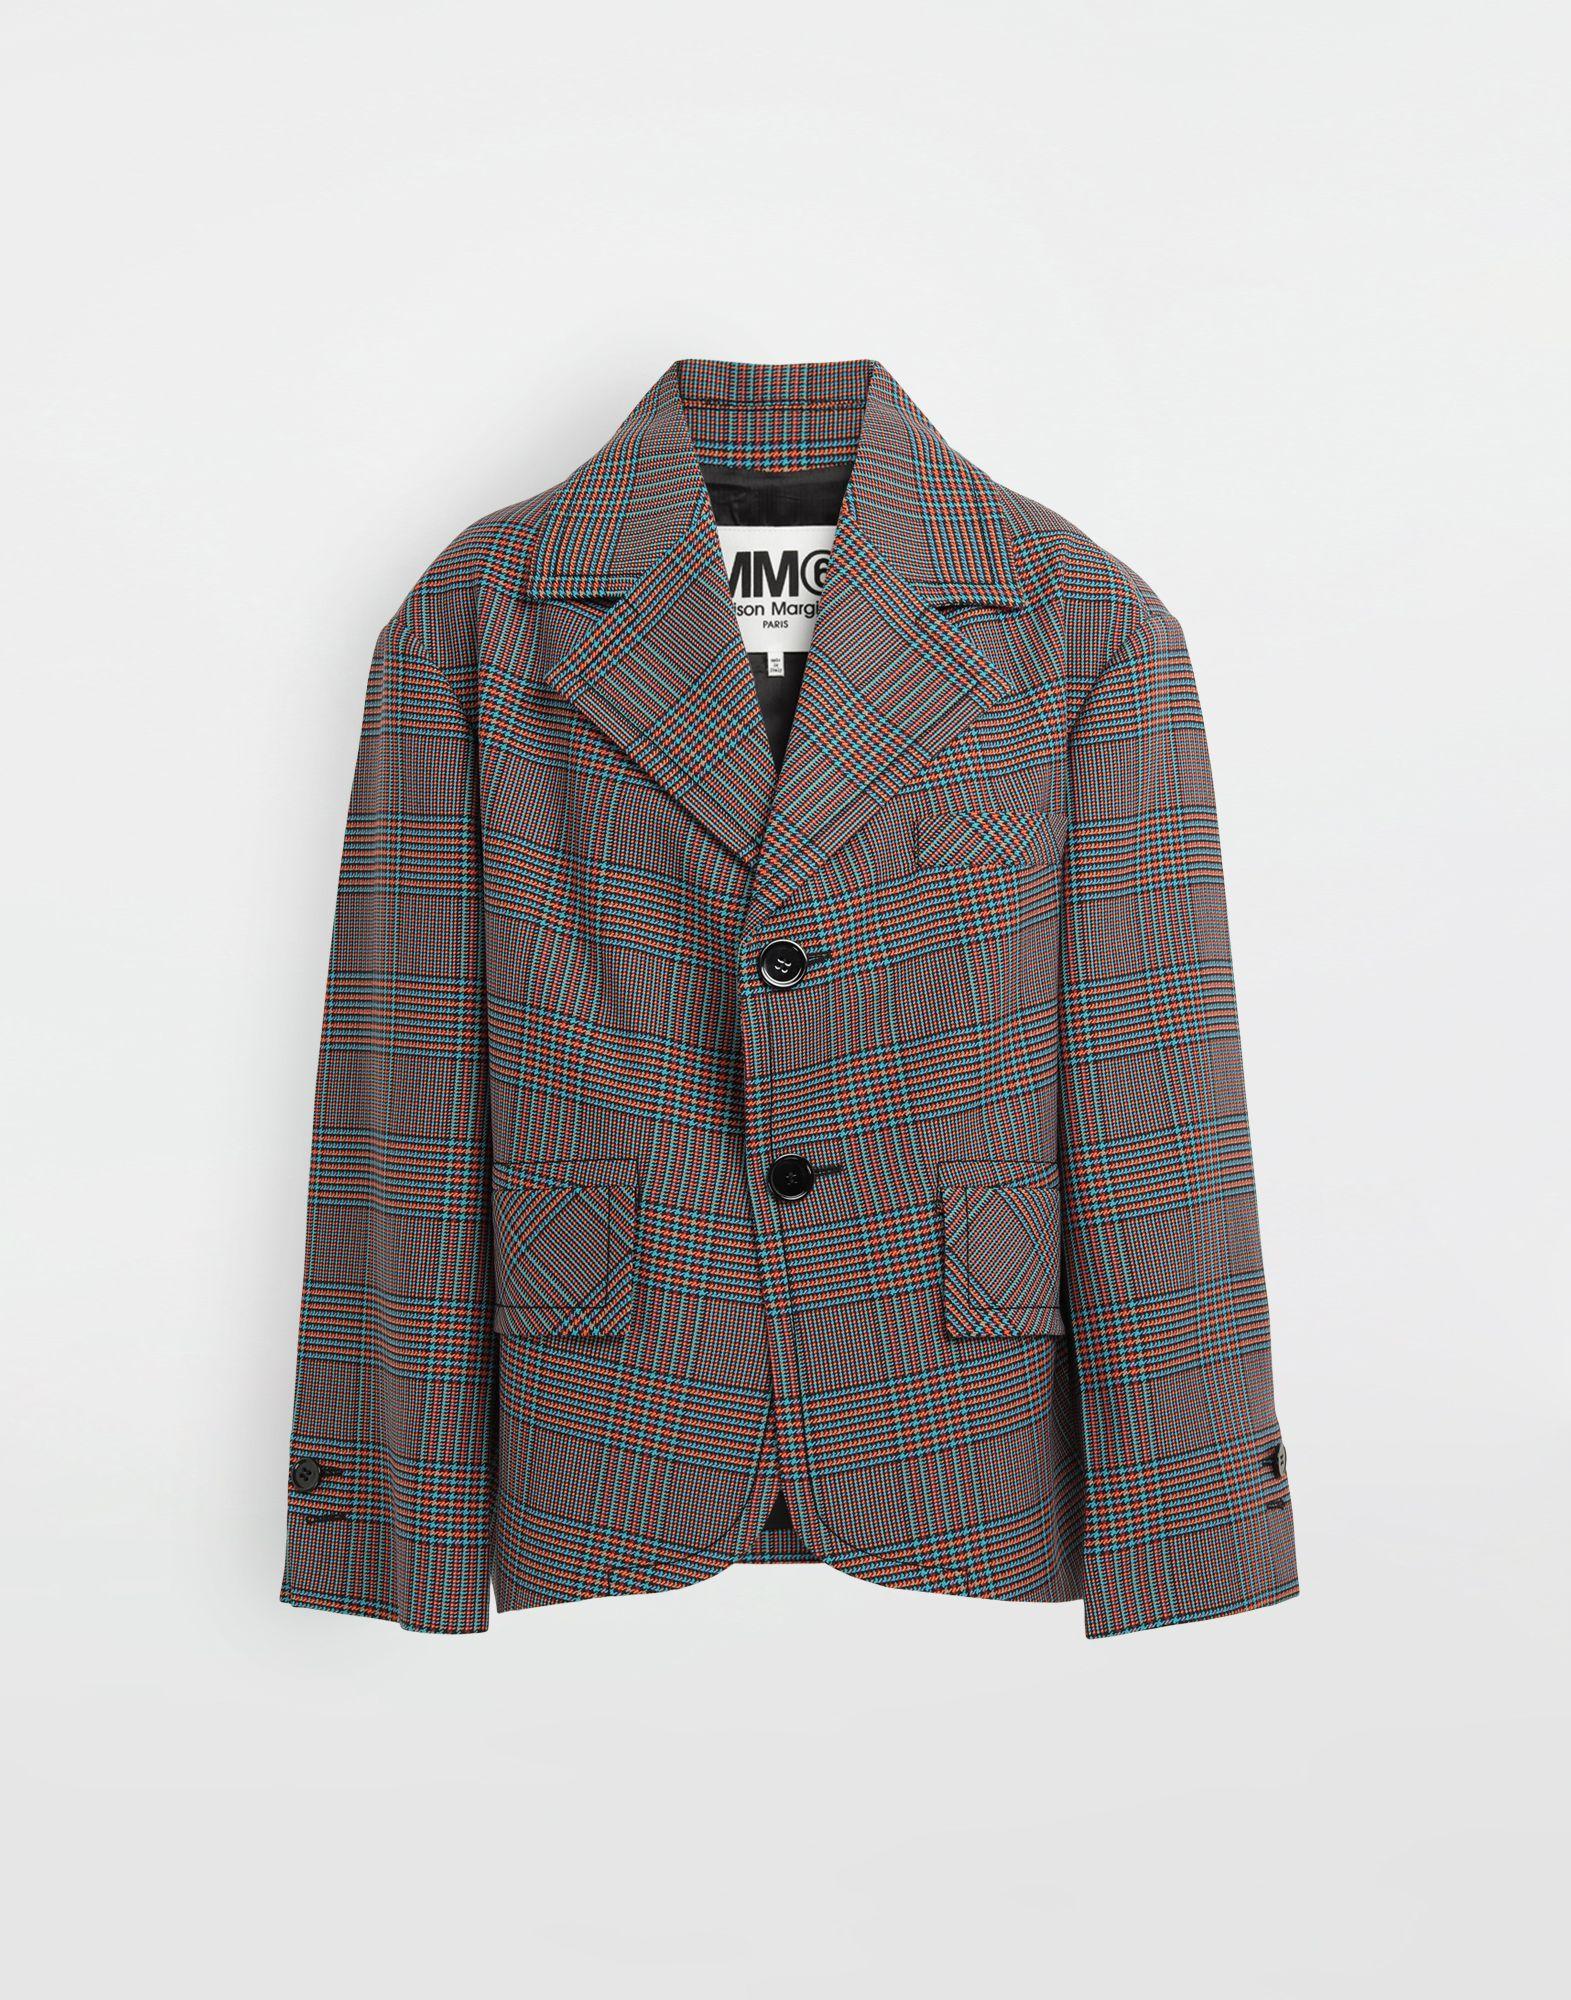 MM6 MAISON MARGIELA Oversized checked wool jacket Jacket Woman f